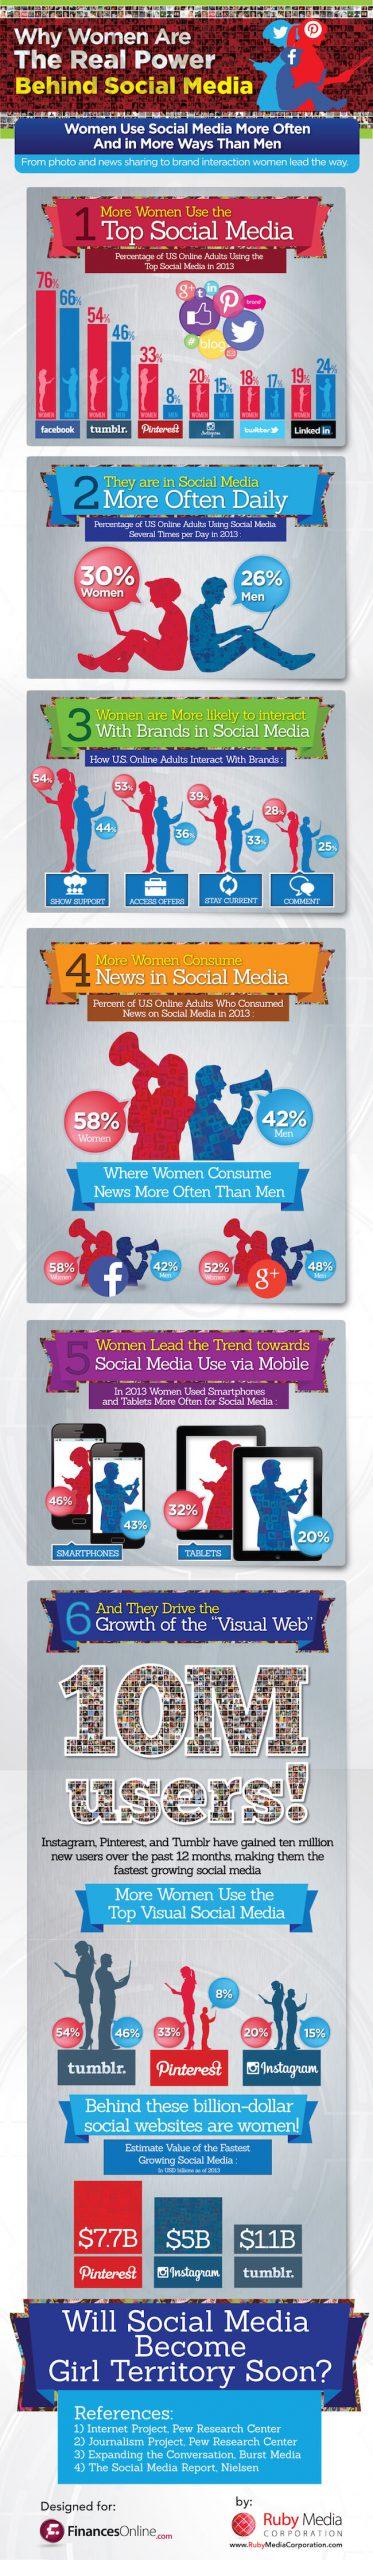 infographie - les réseaux sociaux et les femmes